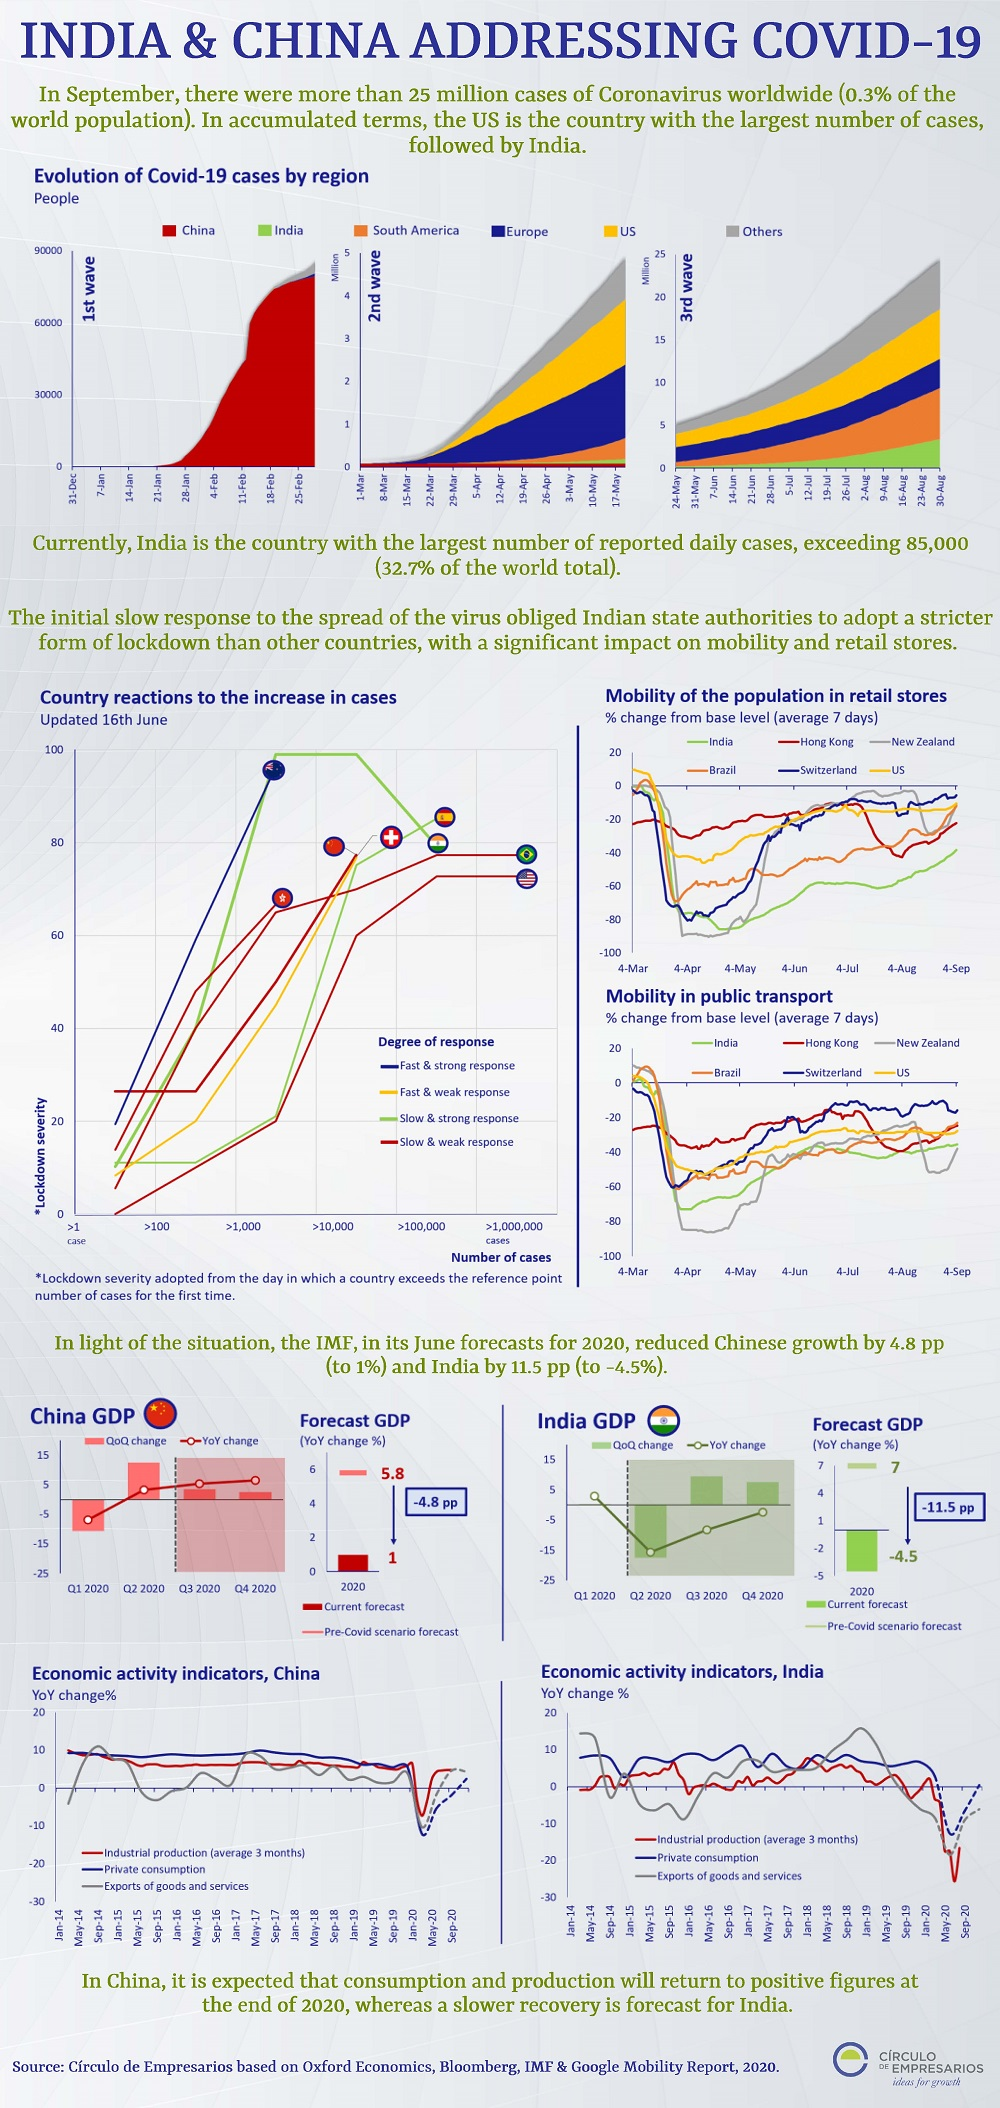 India-&-China-in-face-to-Covid-19-infographic-september-2020-Circulo-de-Empresarios